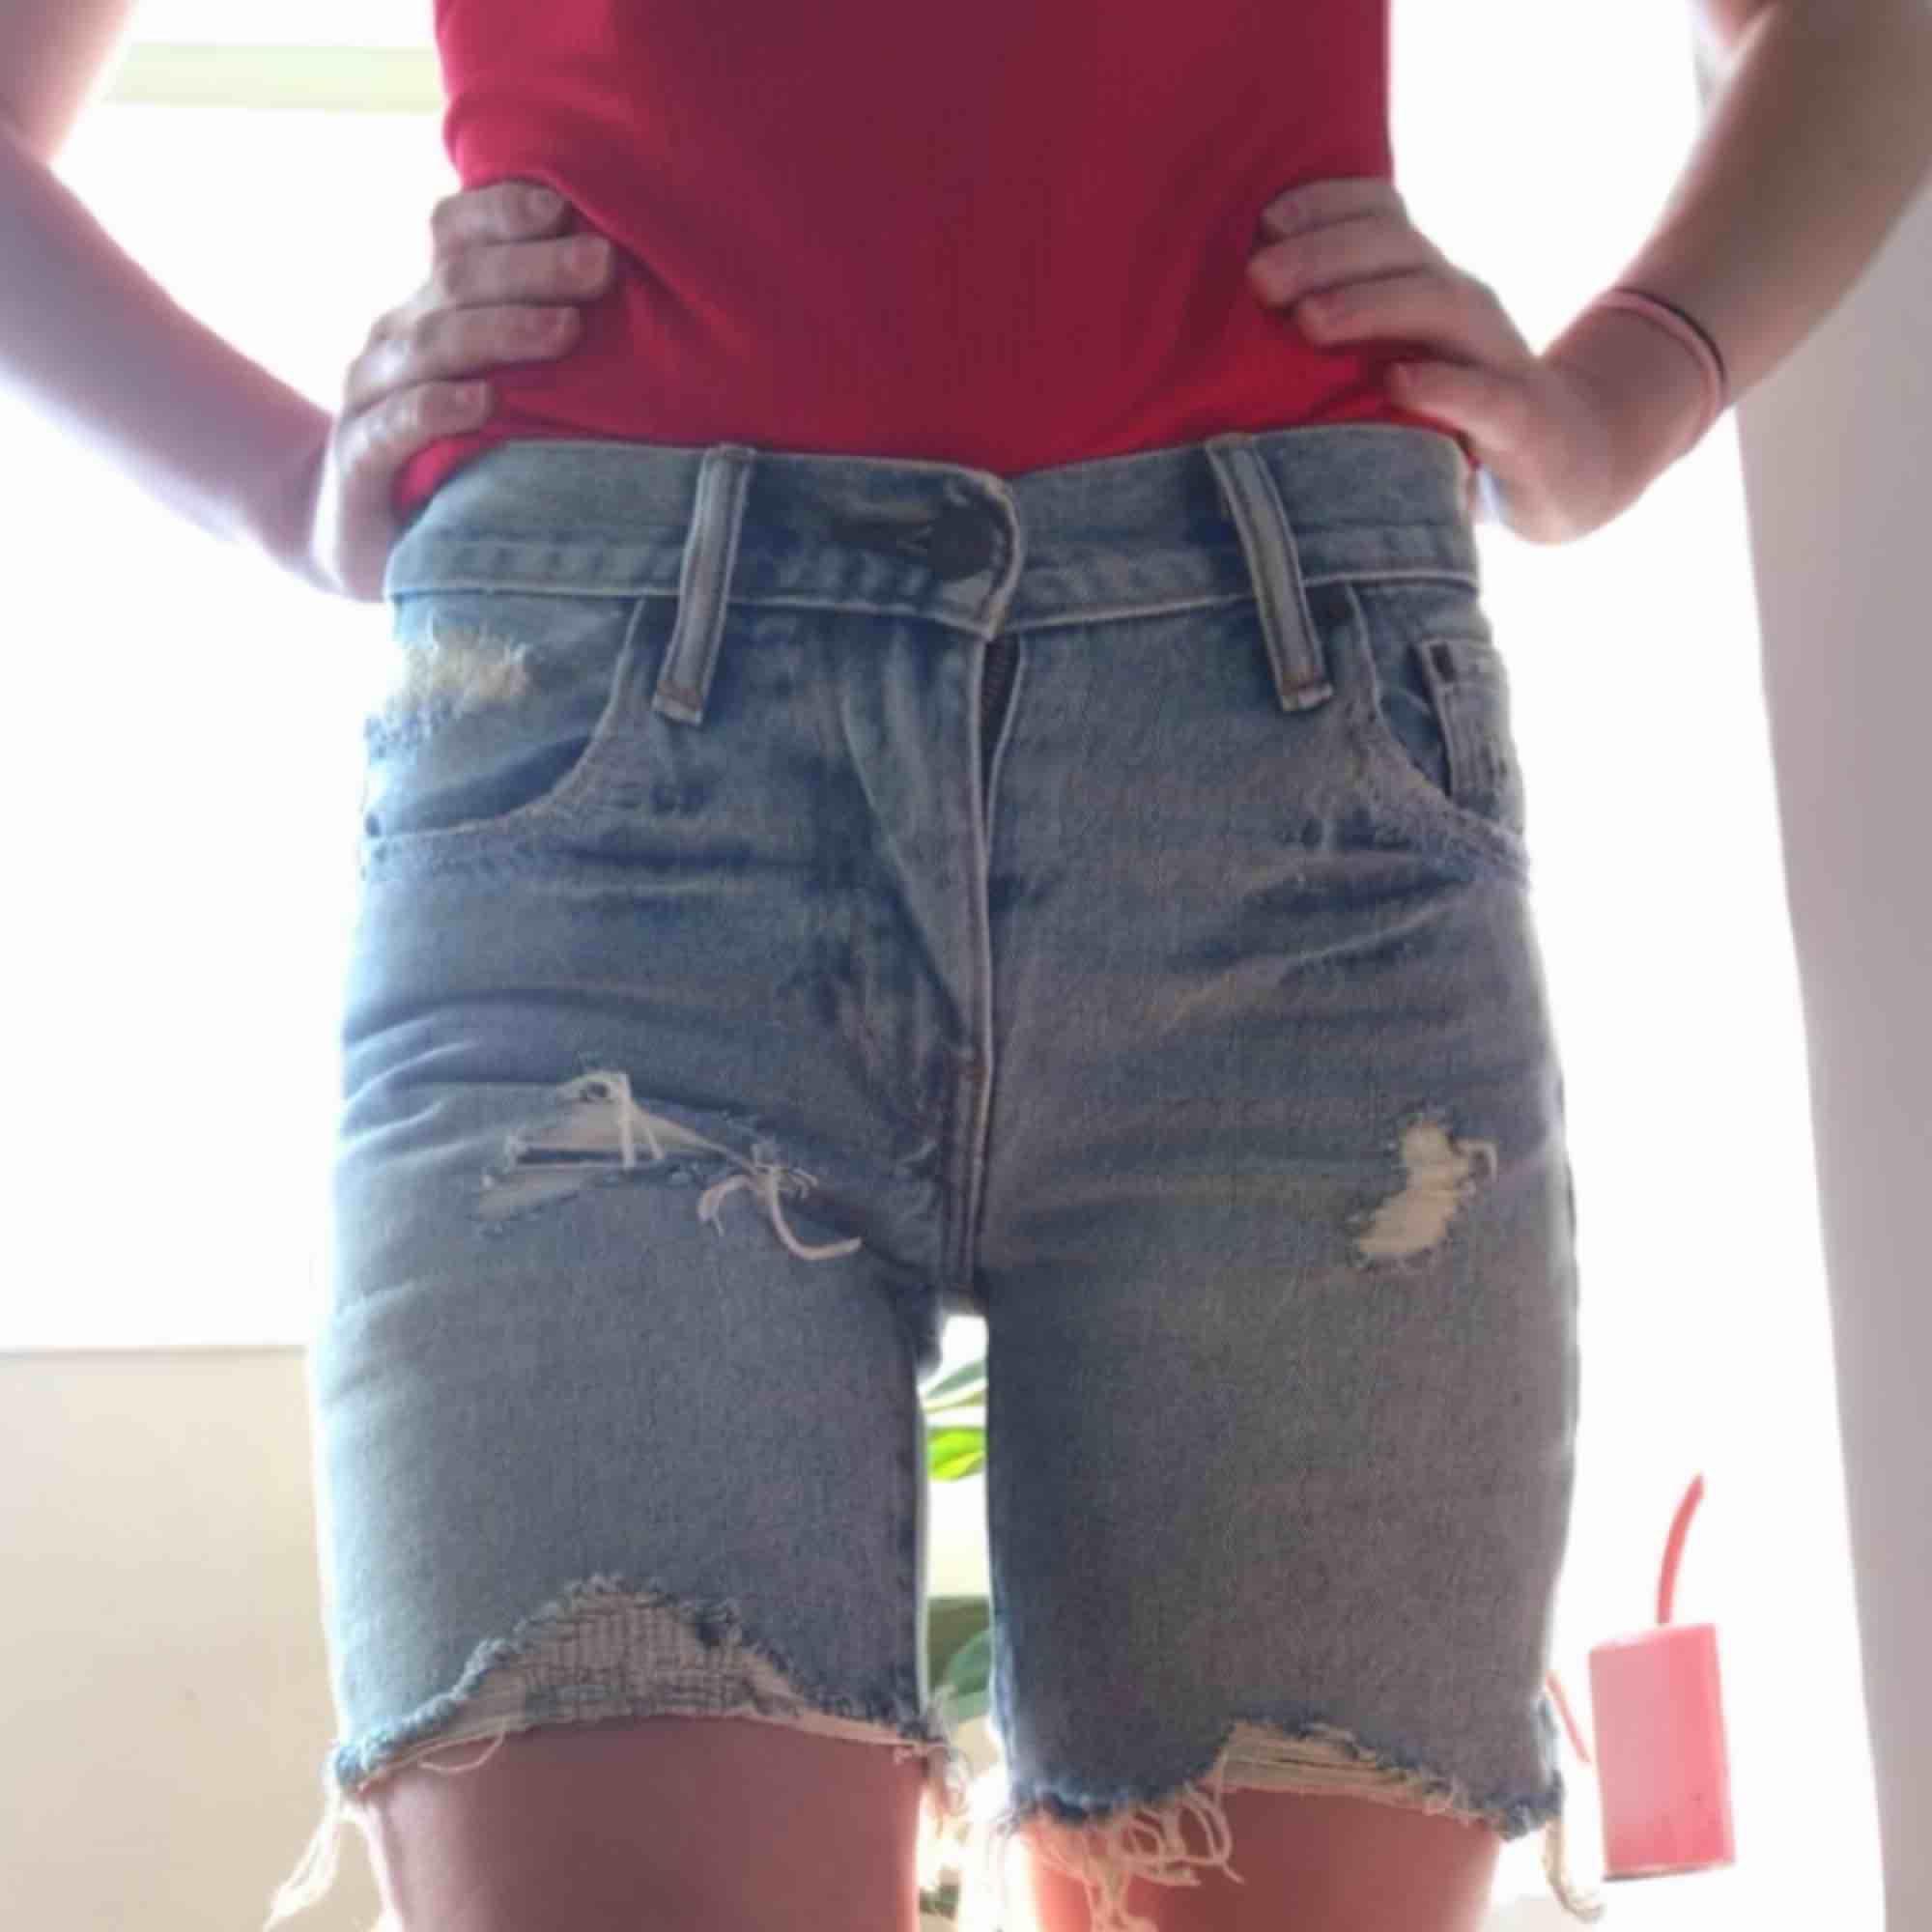 """Lite längre Levi's 505 shorts i storlek 24. Knappt använda säljes pga för små, kontakta för fler bilder. Perfekta att klippa om man är ute efter """"vanliga"""" 505 shorts. Möts upp i Norrköping ev. Linköping annars står köparen för frakt. Shorts."""